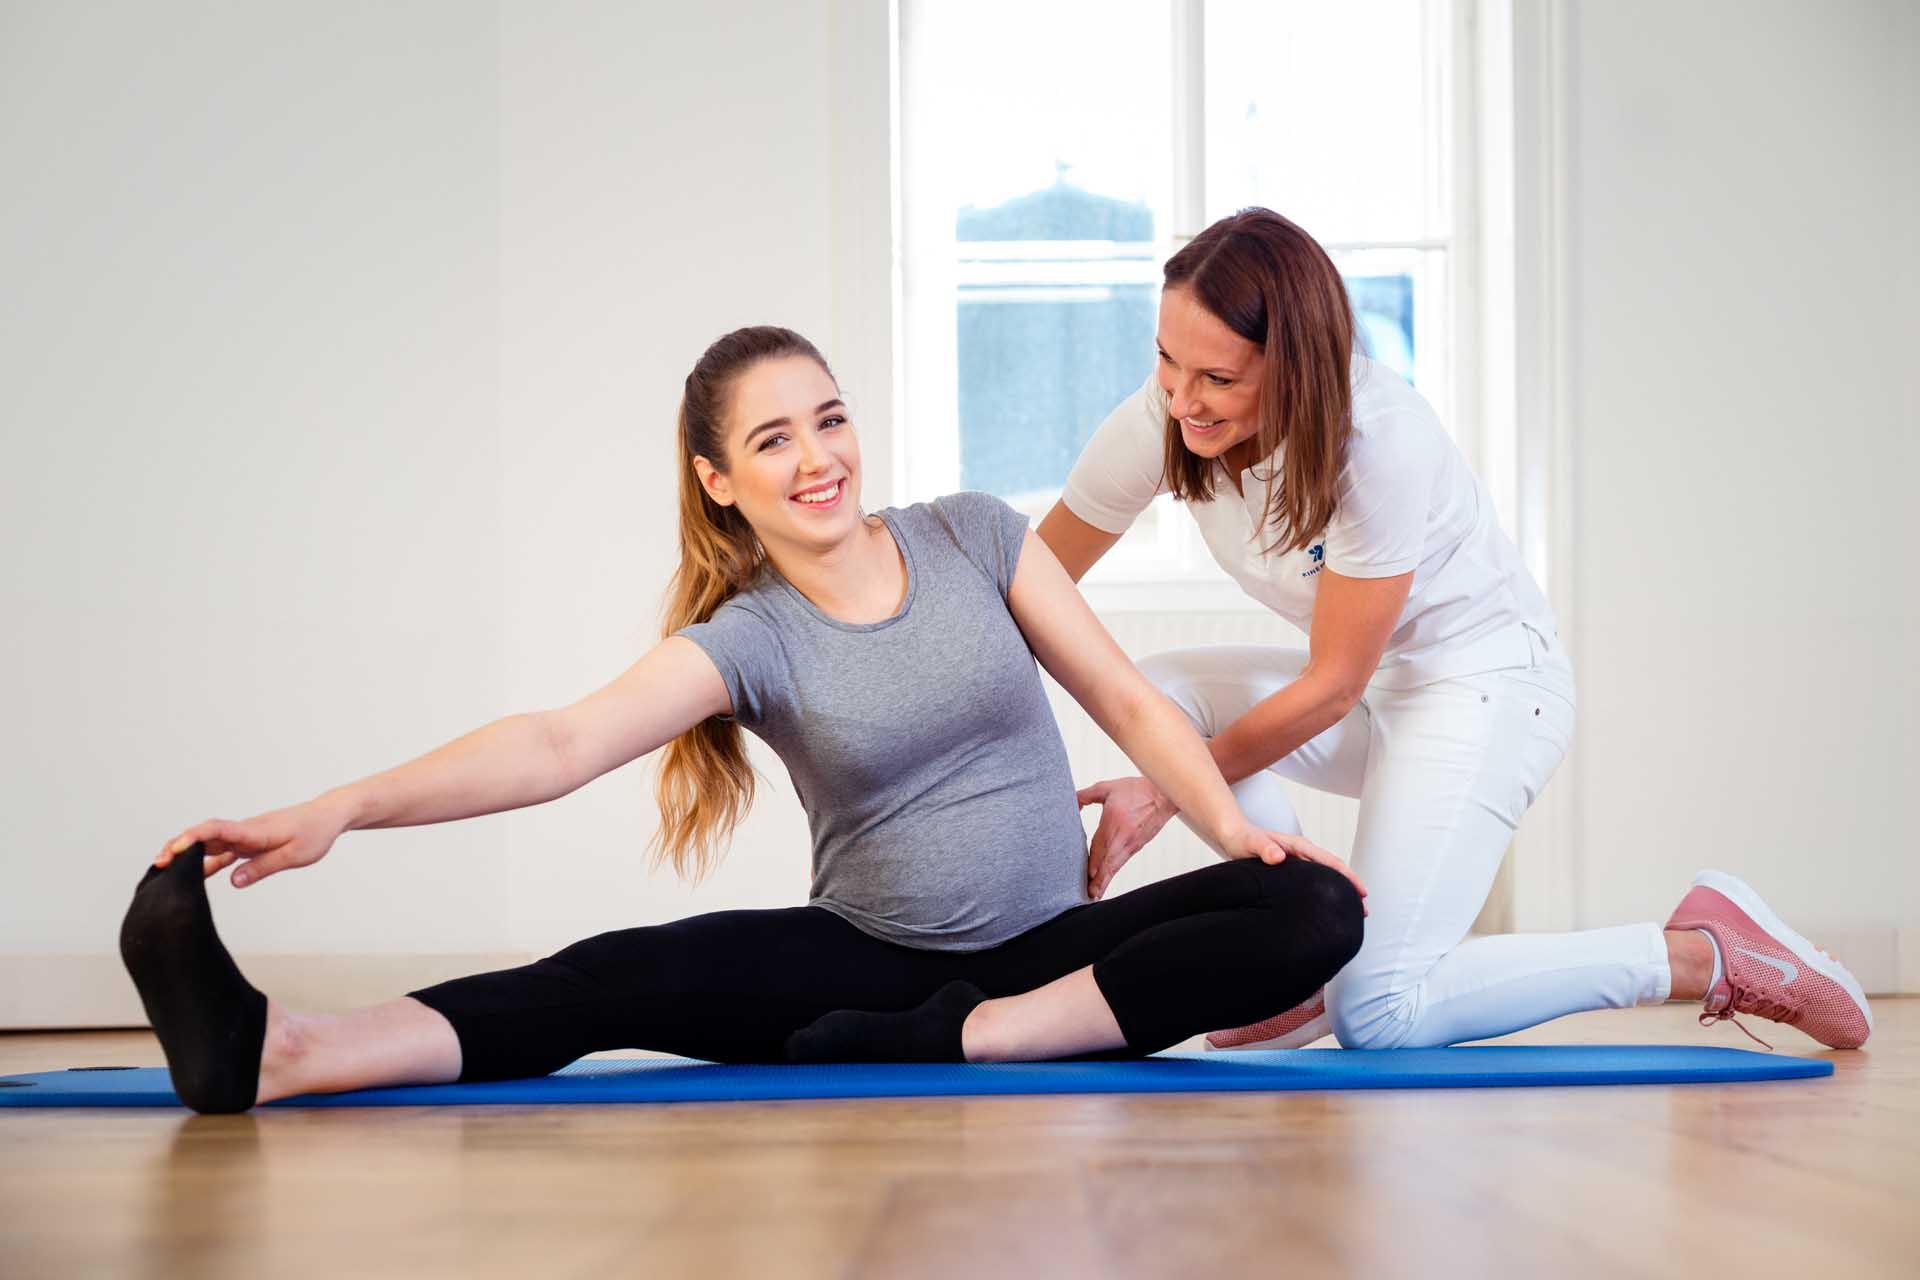 Mobilität in der Schwangerschaft bei Kinemedic - Praxis für physikalische und rehabilitative Medizin